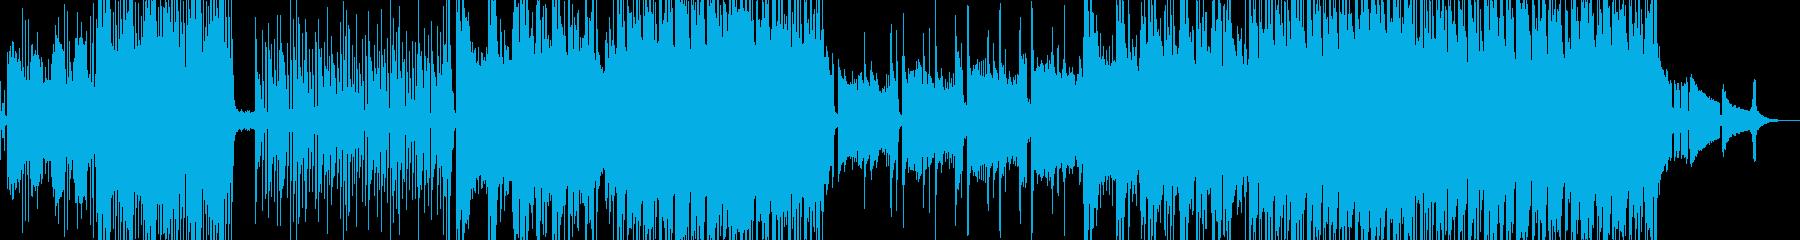 南国・トロピカルポップス…00:48の再生済みの波形